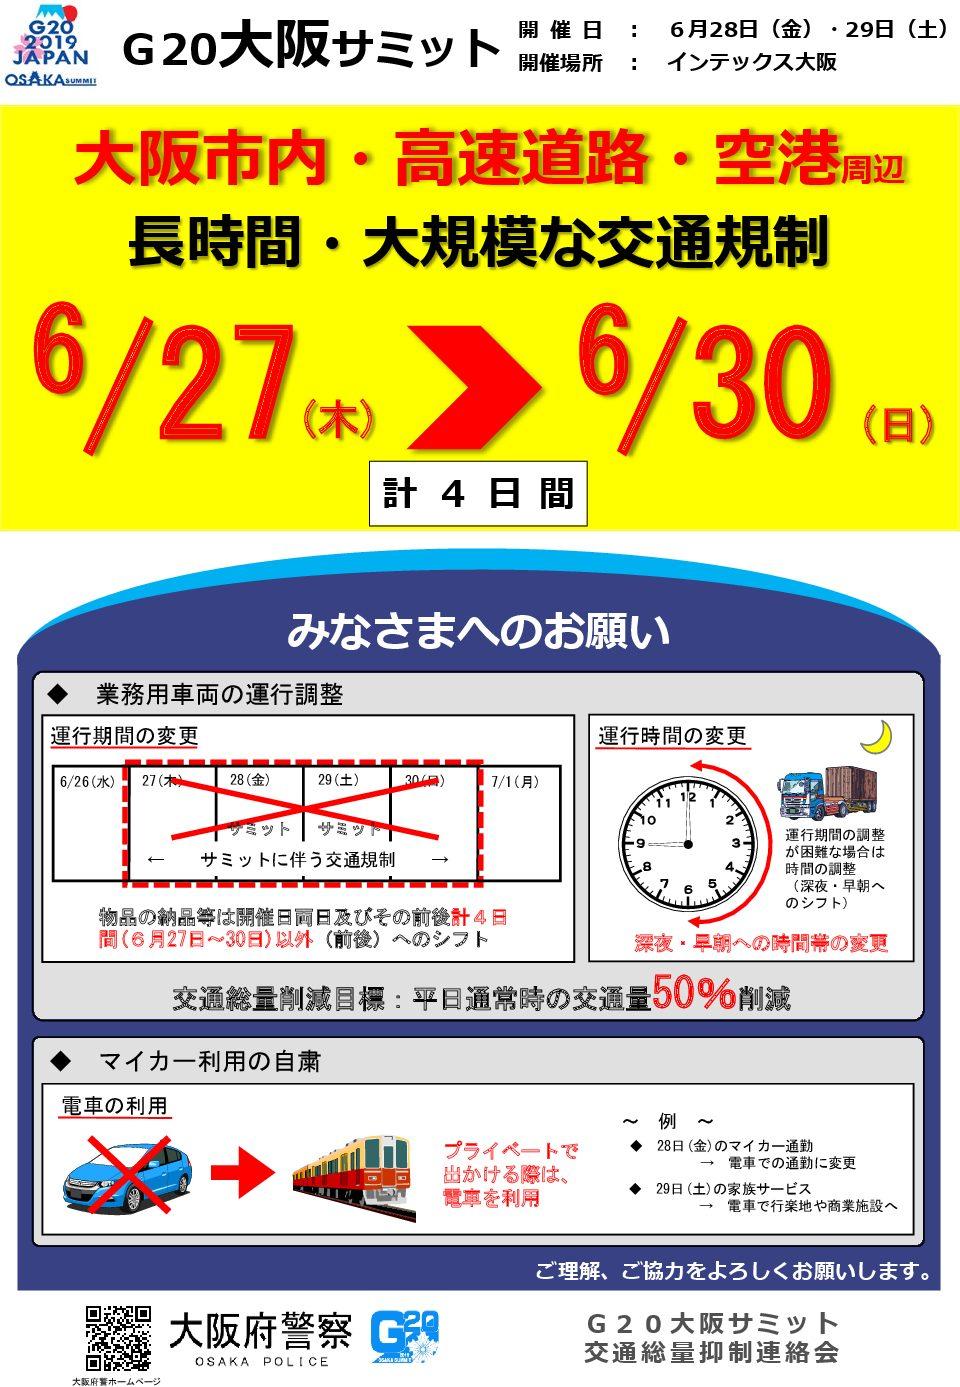 G20大阪サミットにおける運行中止のご連絡